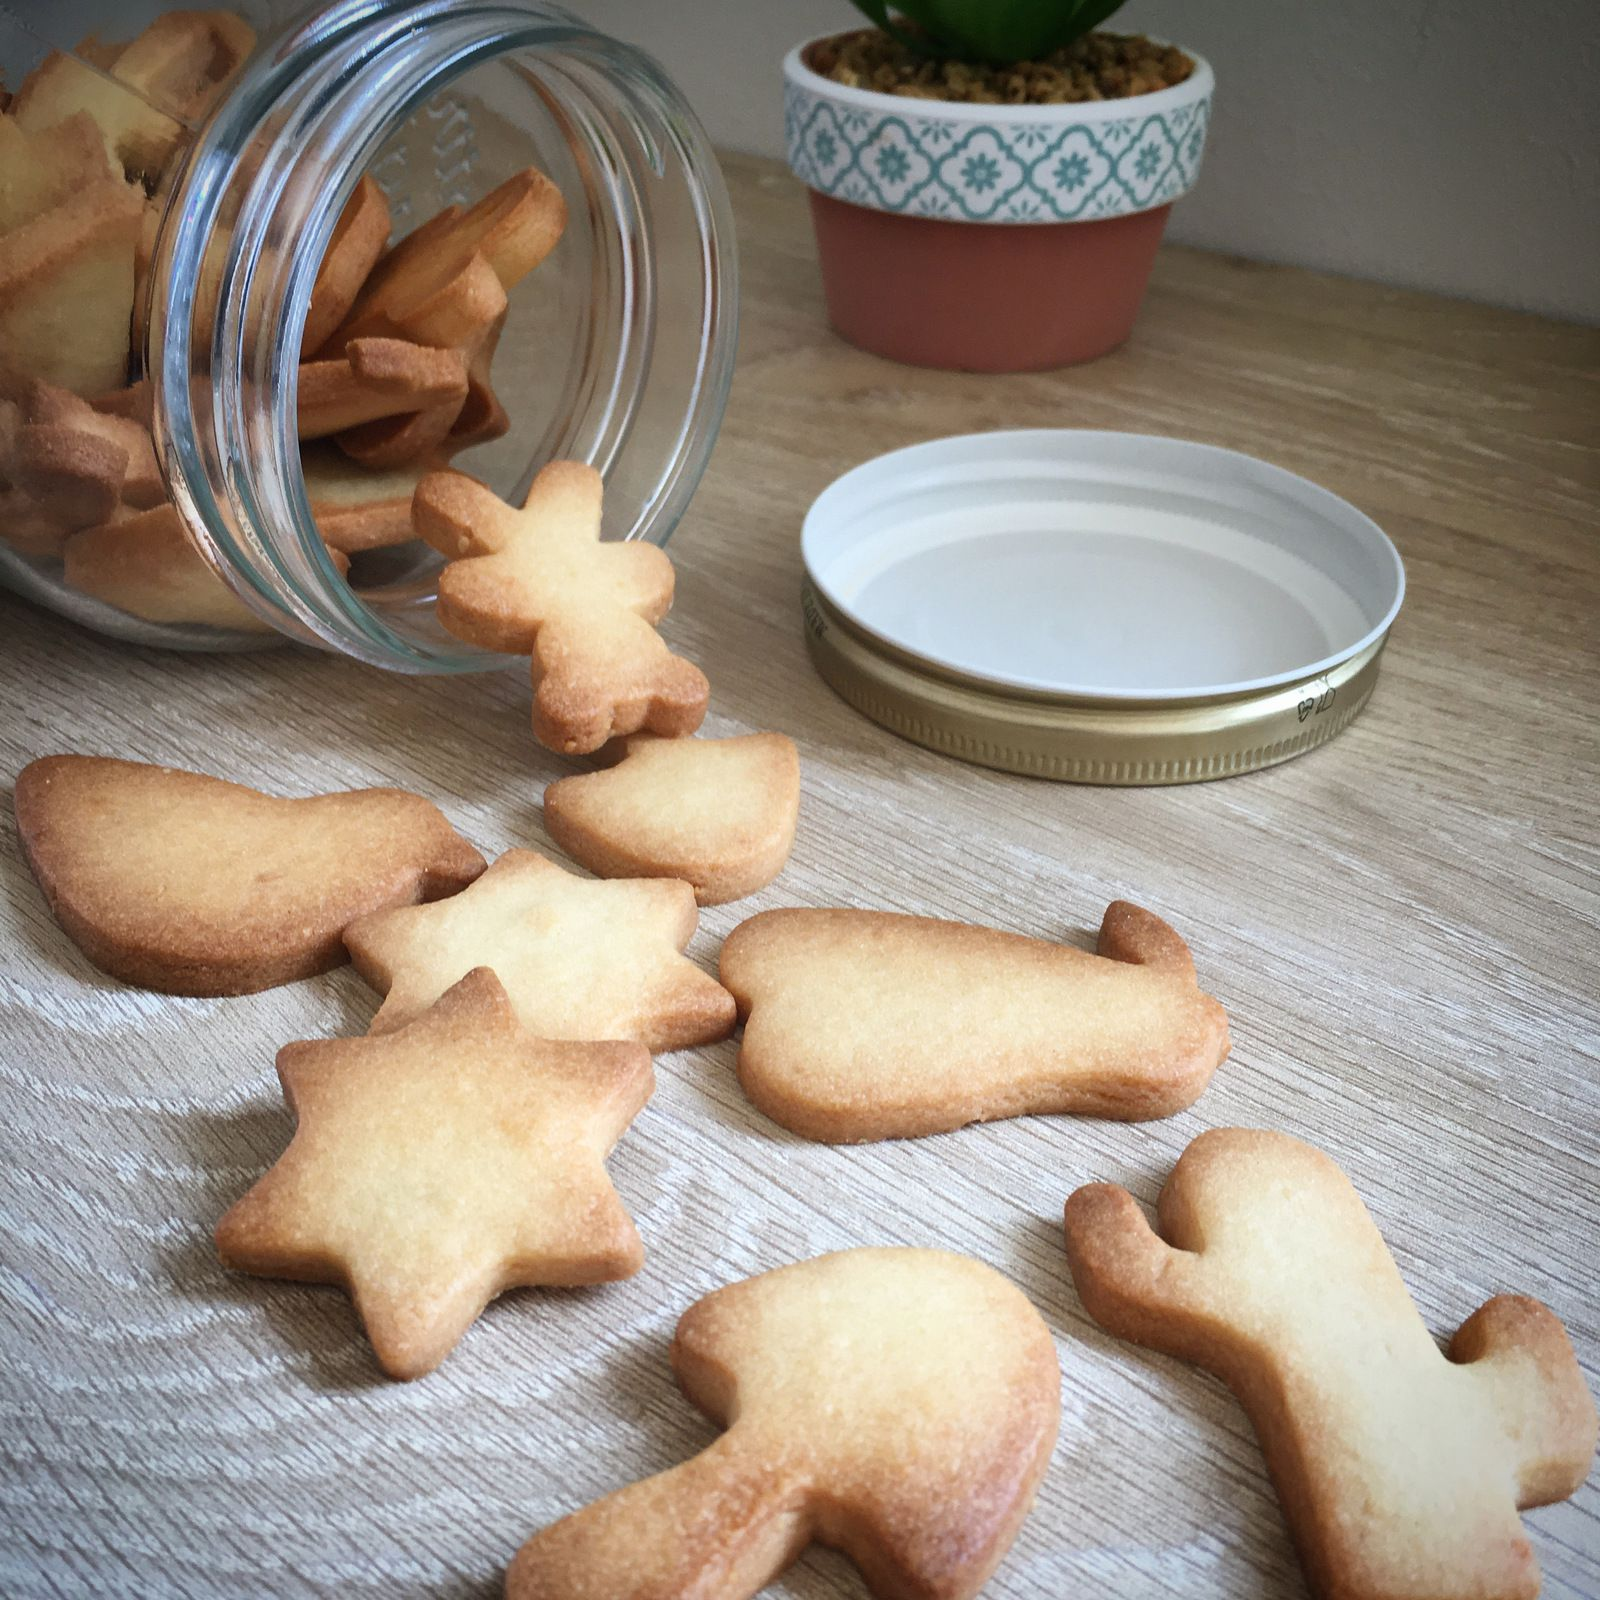 Pâte sucrée (pour petits biscuits ou fond de tarte)